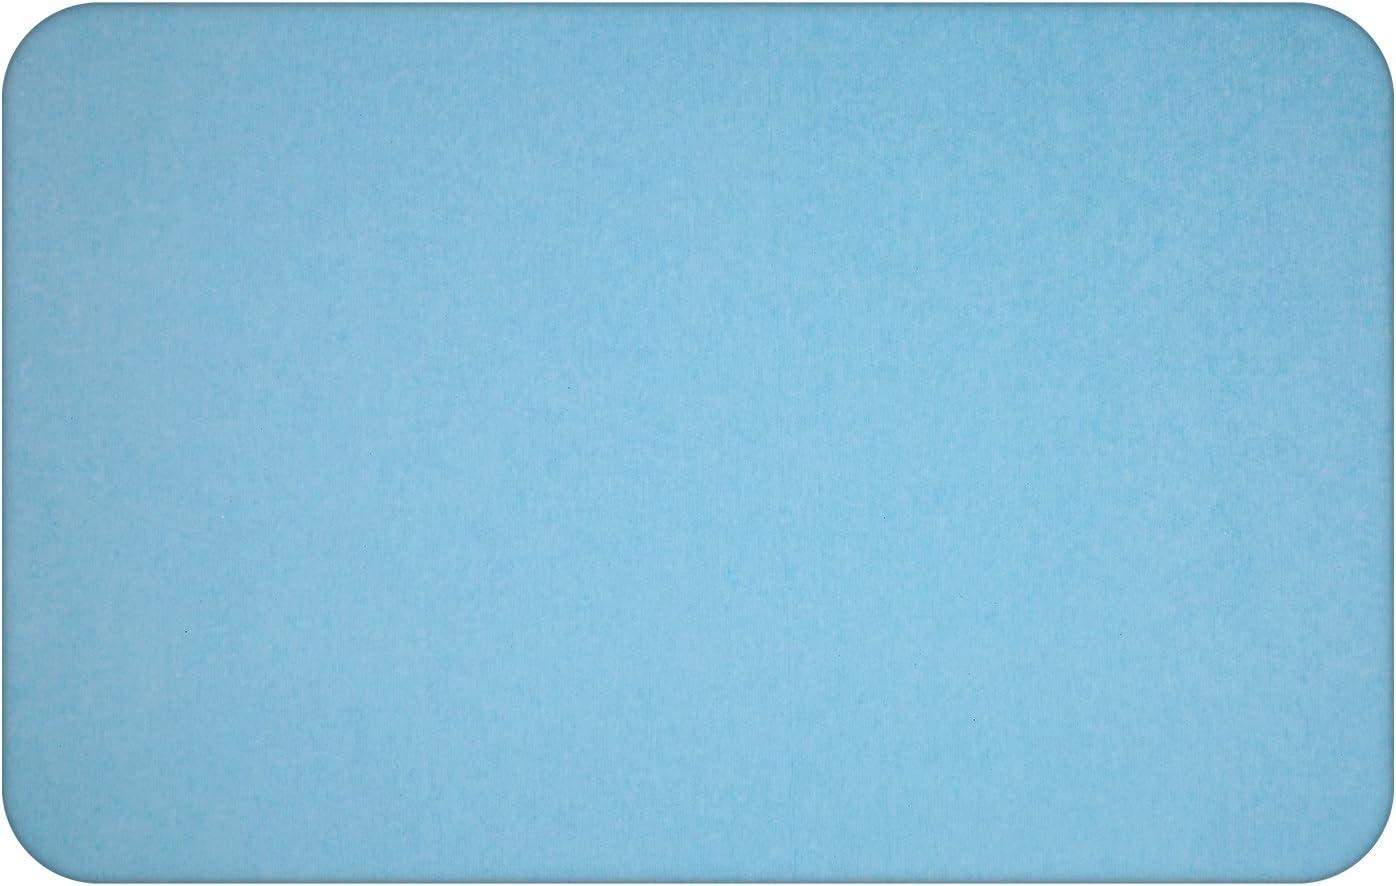 Bleu Tapis Anti-Dérapant Absorbant Séchage Rapide Antibactérien pour Salle de Bains BATHWA Tapis de Bain de Terre de Diatomées Tapis de Douche de Bain